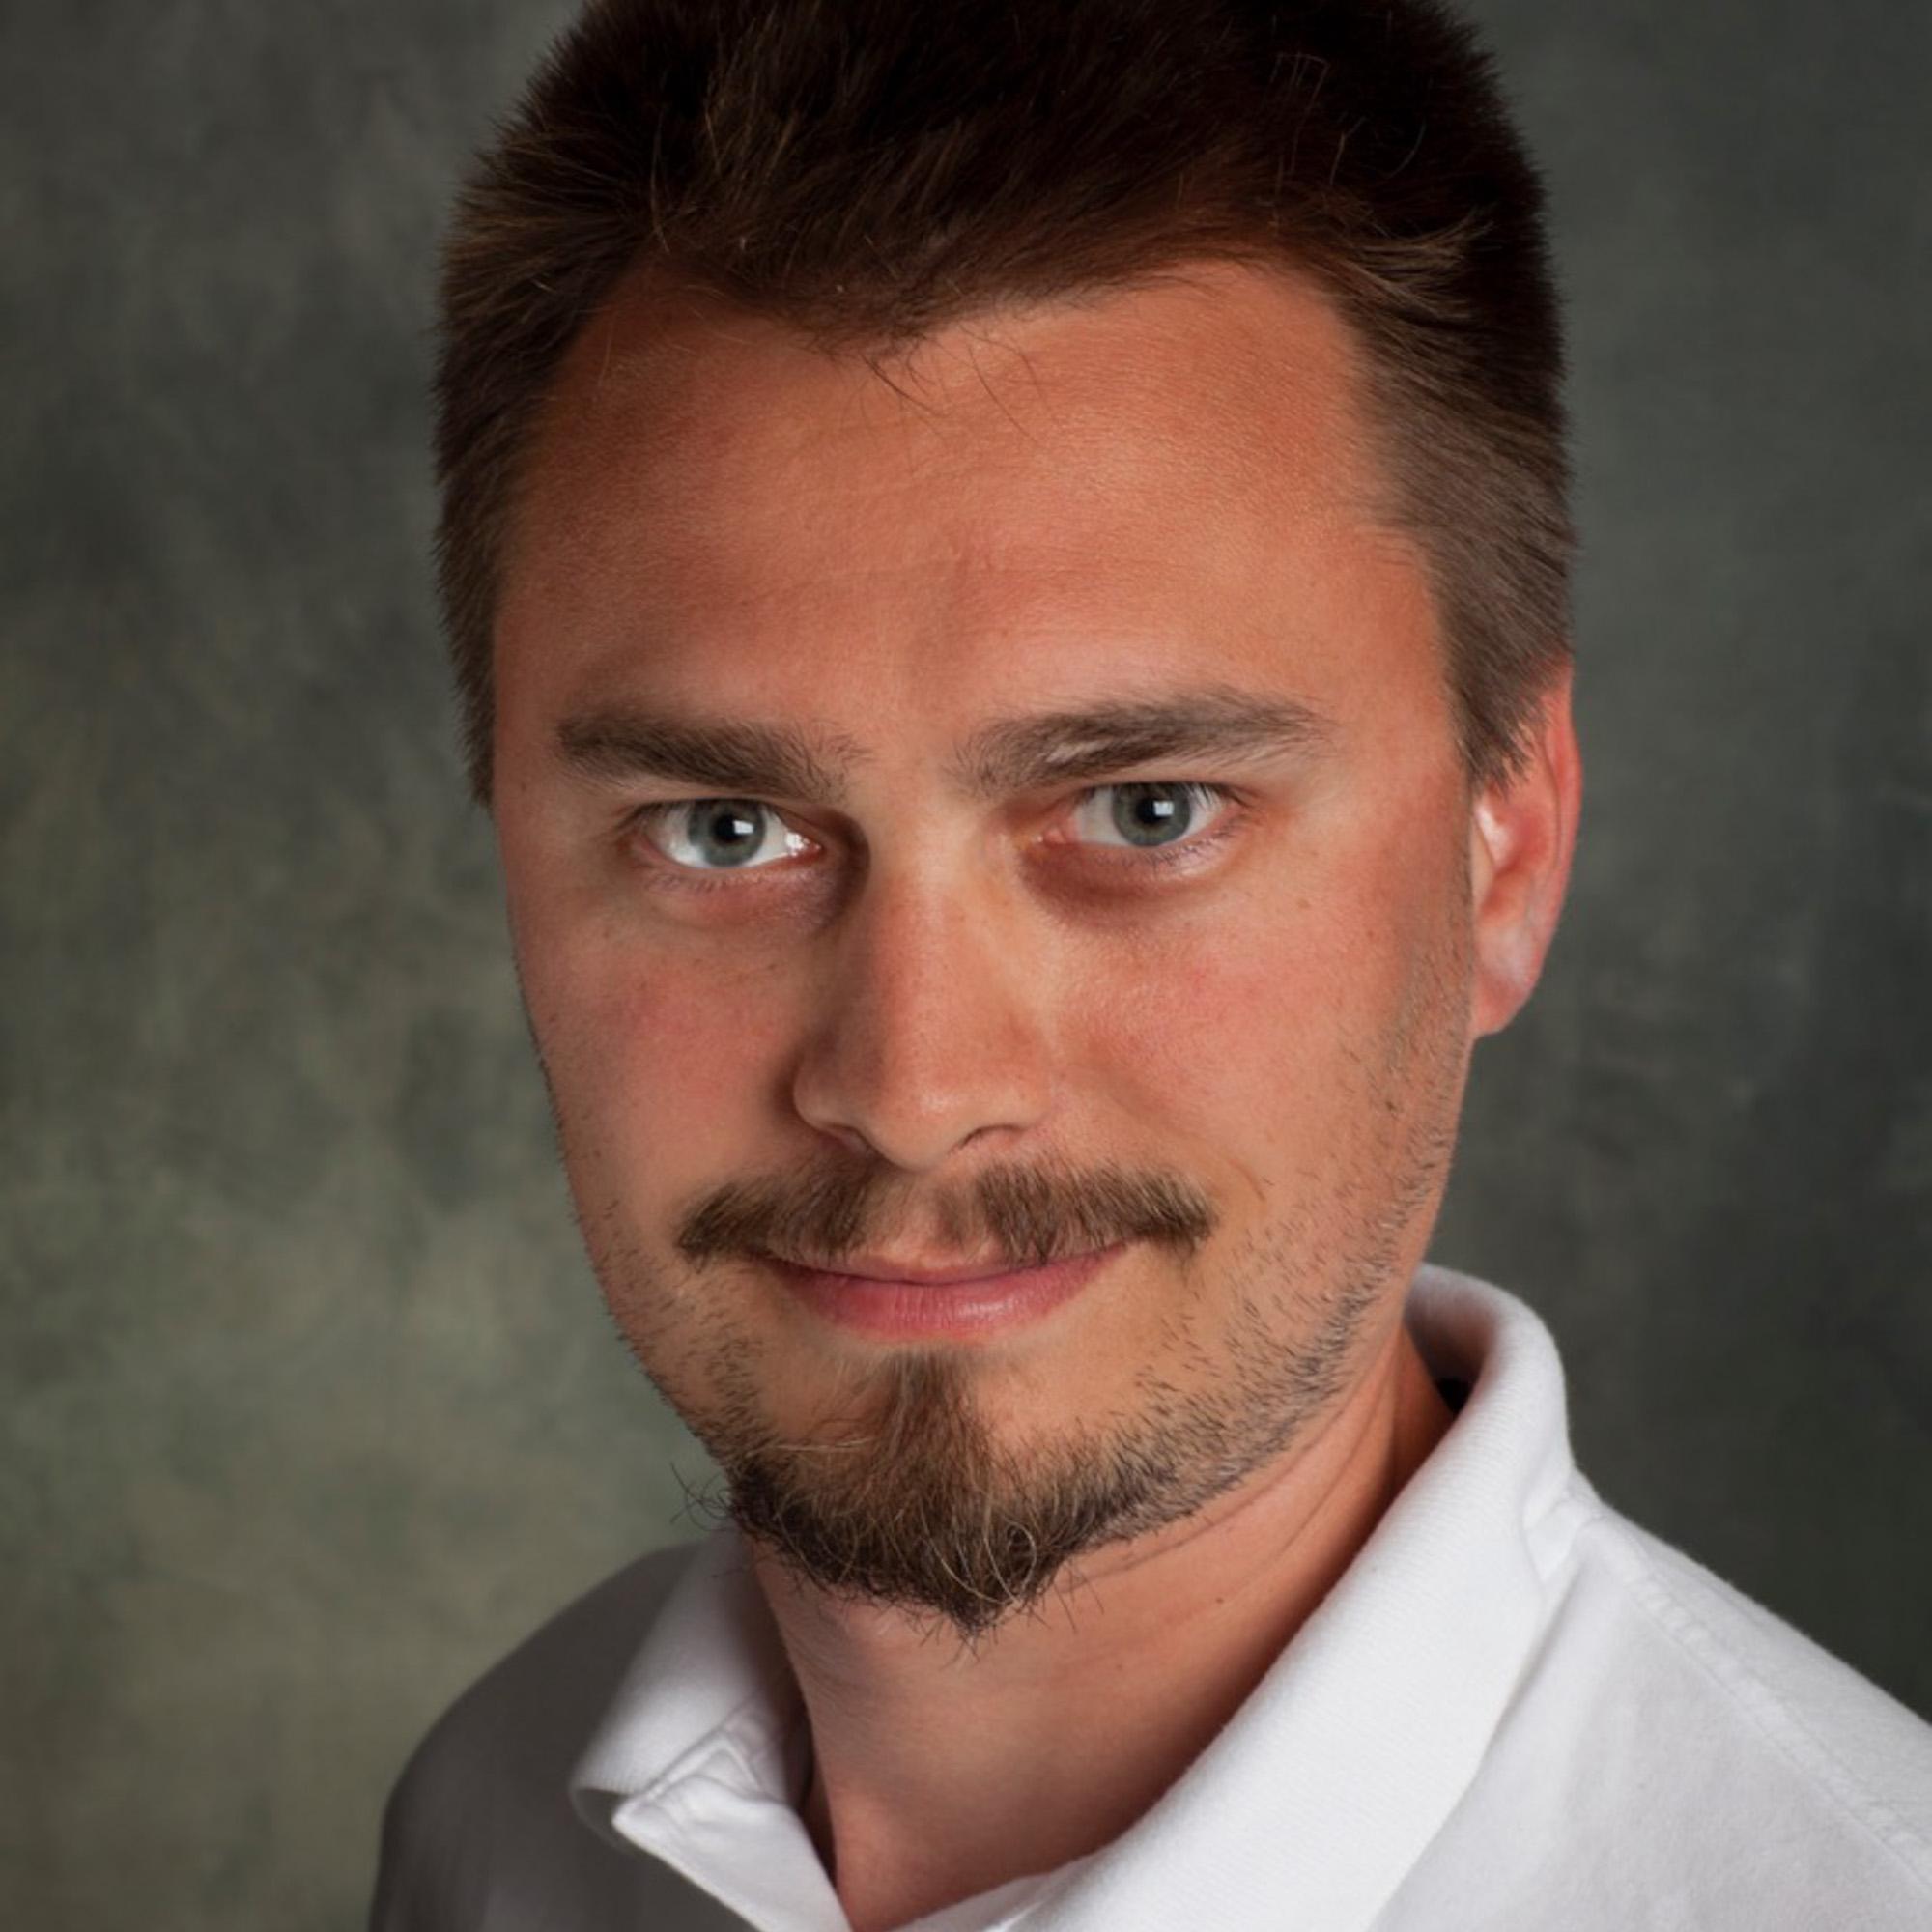 """<a href=""""https://www.linkedin.com/in/radubogdanrusu"""" target=""""_blank""""><i>Radu Rusu</i></a><br><font size=""""-1"""">Co-Founder & CEO</font><br><b> Fyusion, Inc </b>"""